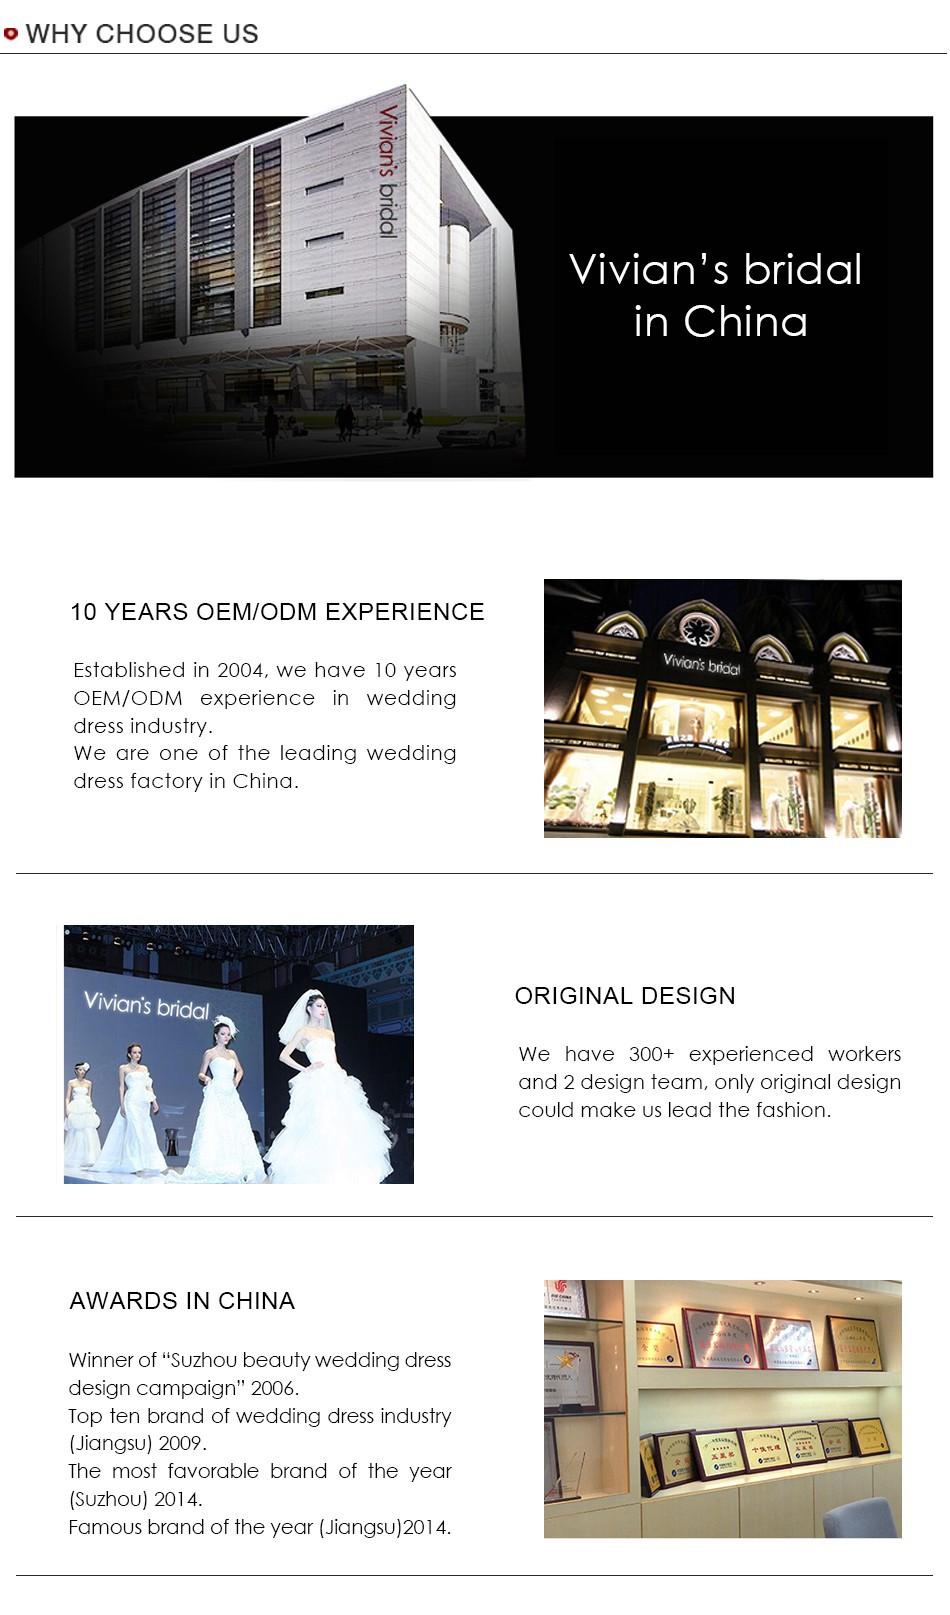 Вивиан свадебные горячая распродажа 2015 пальцев бисера с бантом пятен запястье длина свадебные перчатки для свадебных аксессуаров luva де noiva WG8